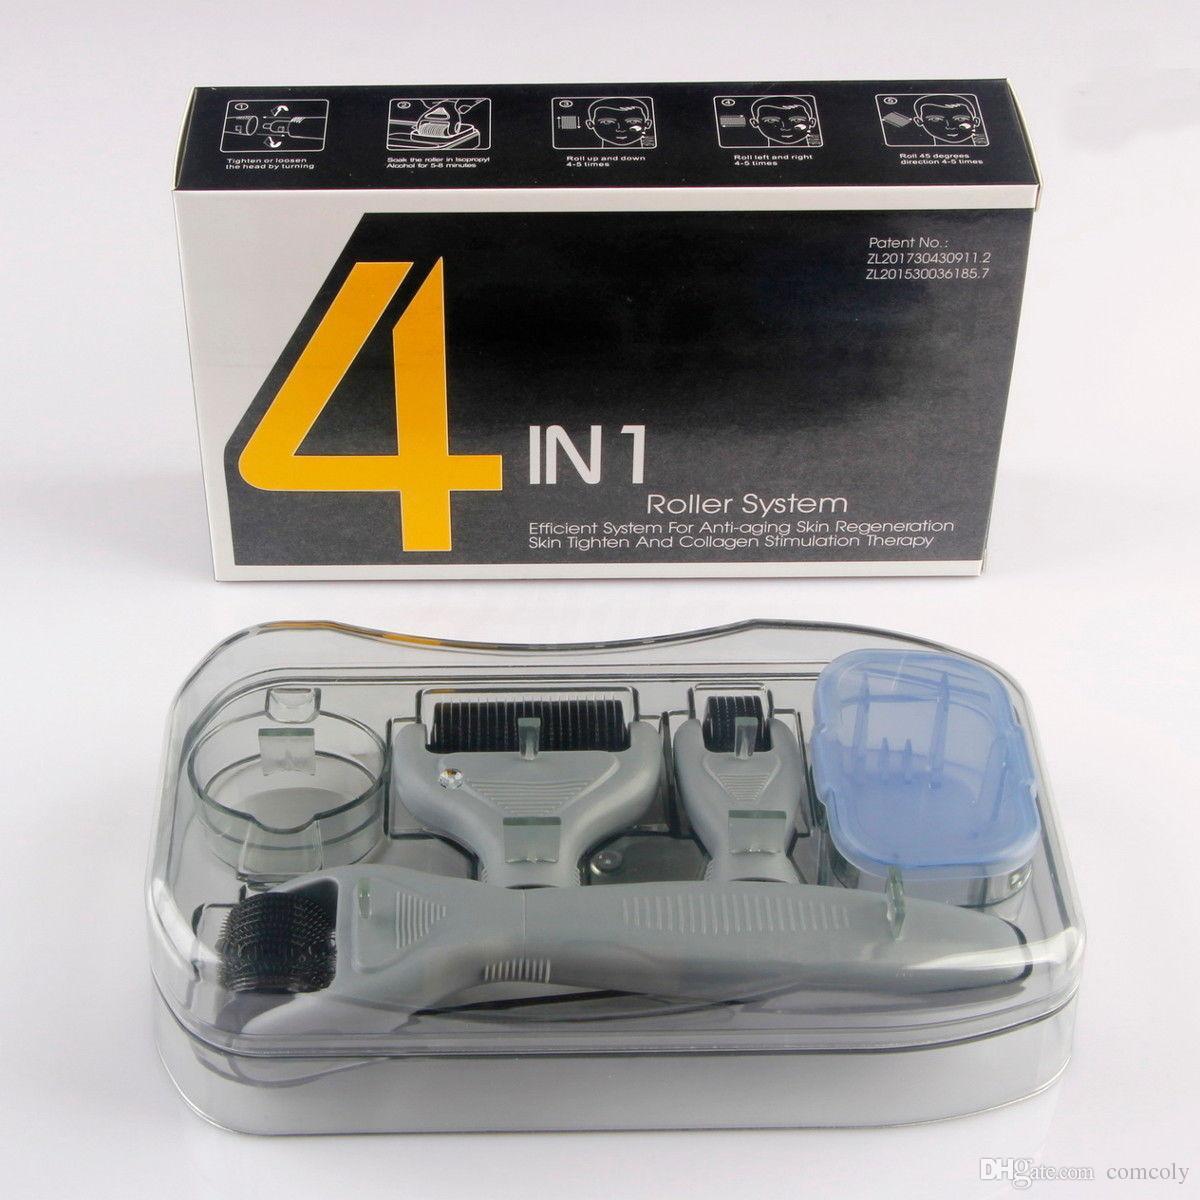 4 في 1 ديرما الأسطوانة مجموعة 0.5 ملليمتر 1.0 ملليمتر 1.5 ملليمتر مايكرو إبرة العناية بالبشرة إحياء حقيبة السفر حزمة مختومة